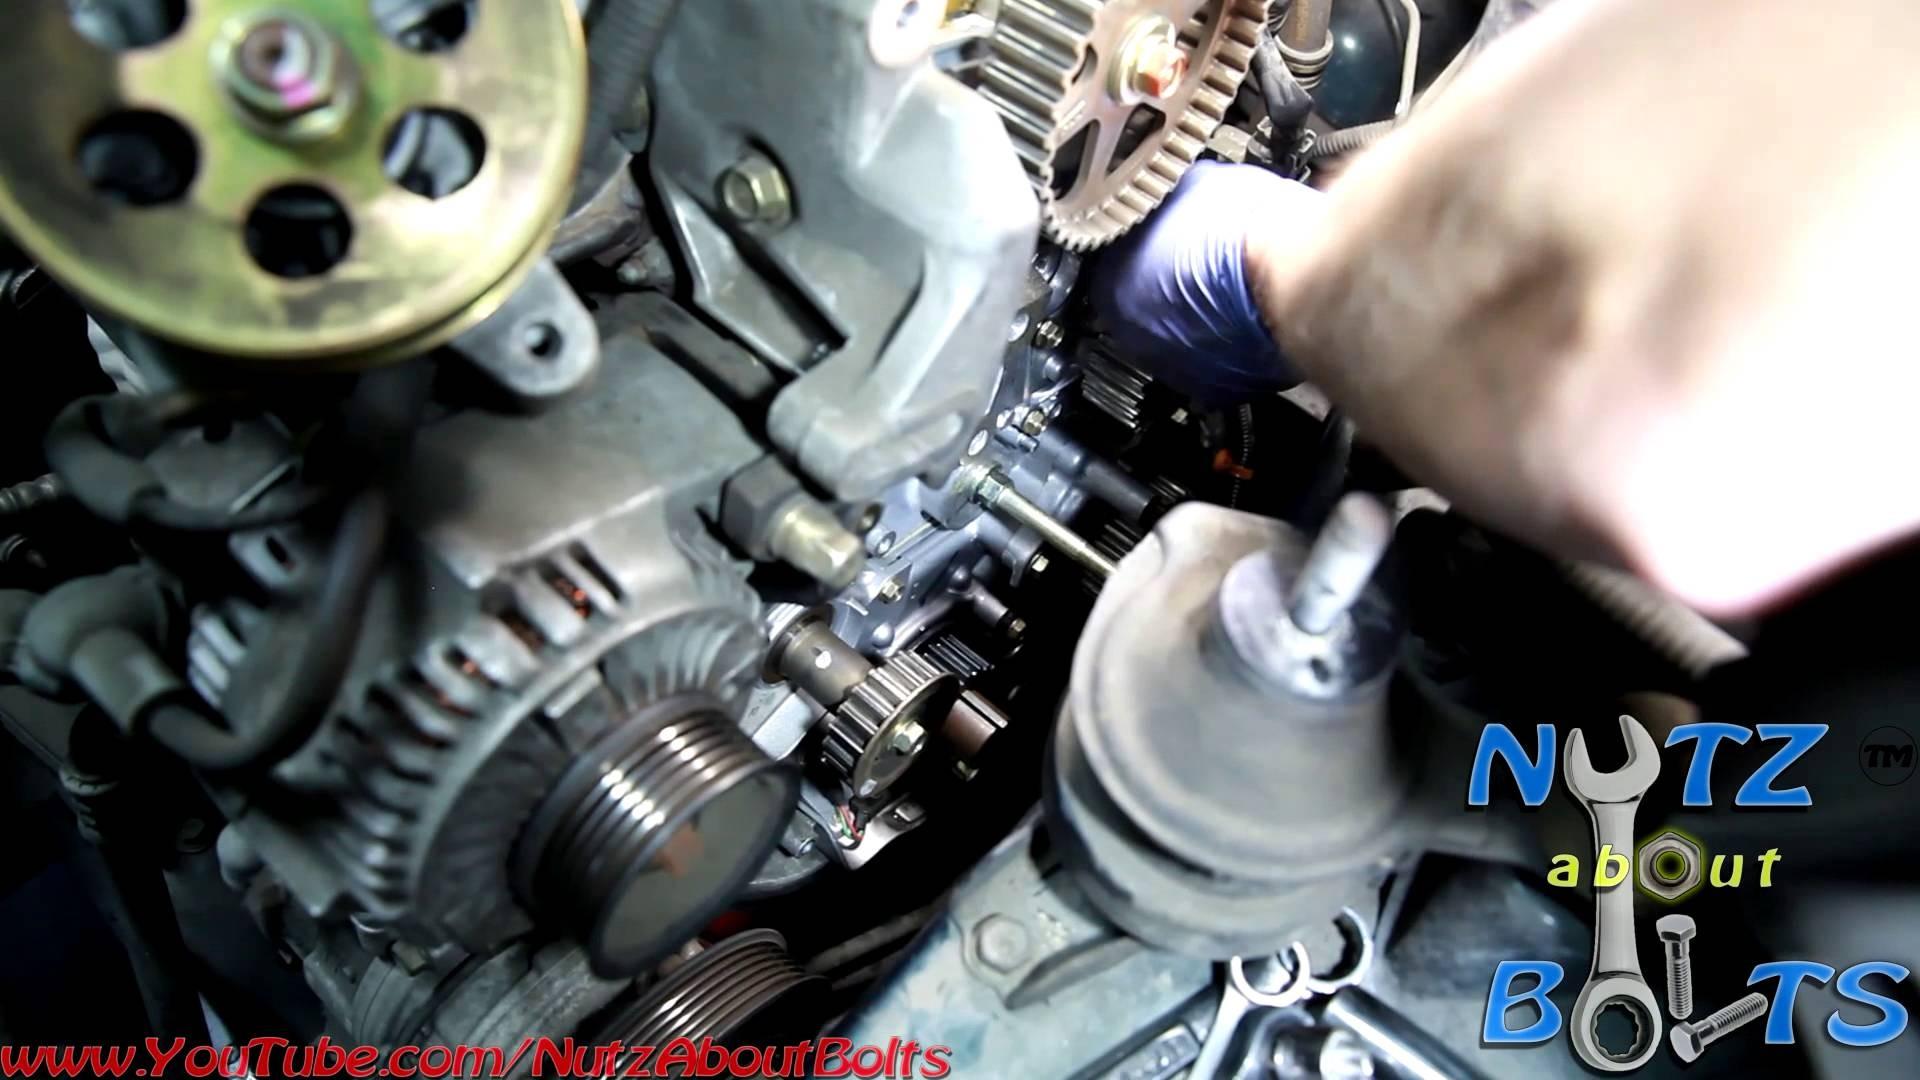 Honda F22 Engine Diagram 1998 2002 Honda Accord Timing Belt Replacement with Water Pump Of Honda F22 Engine Diagram